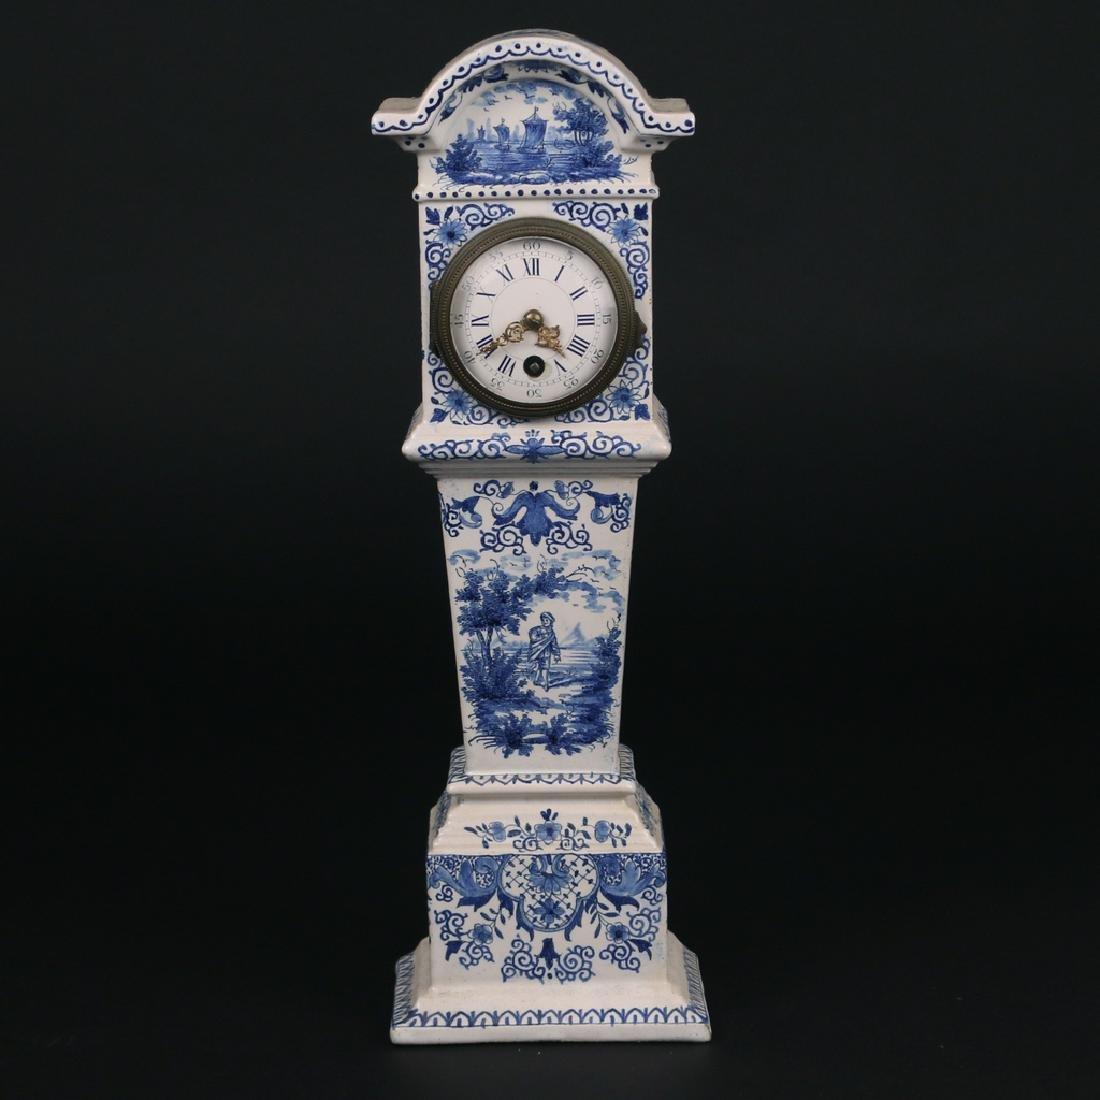 DELFT BLUE & WHITE PORCELAIN MANTEL CLOCK